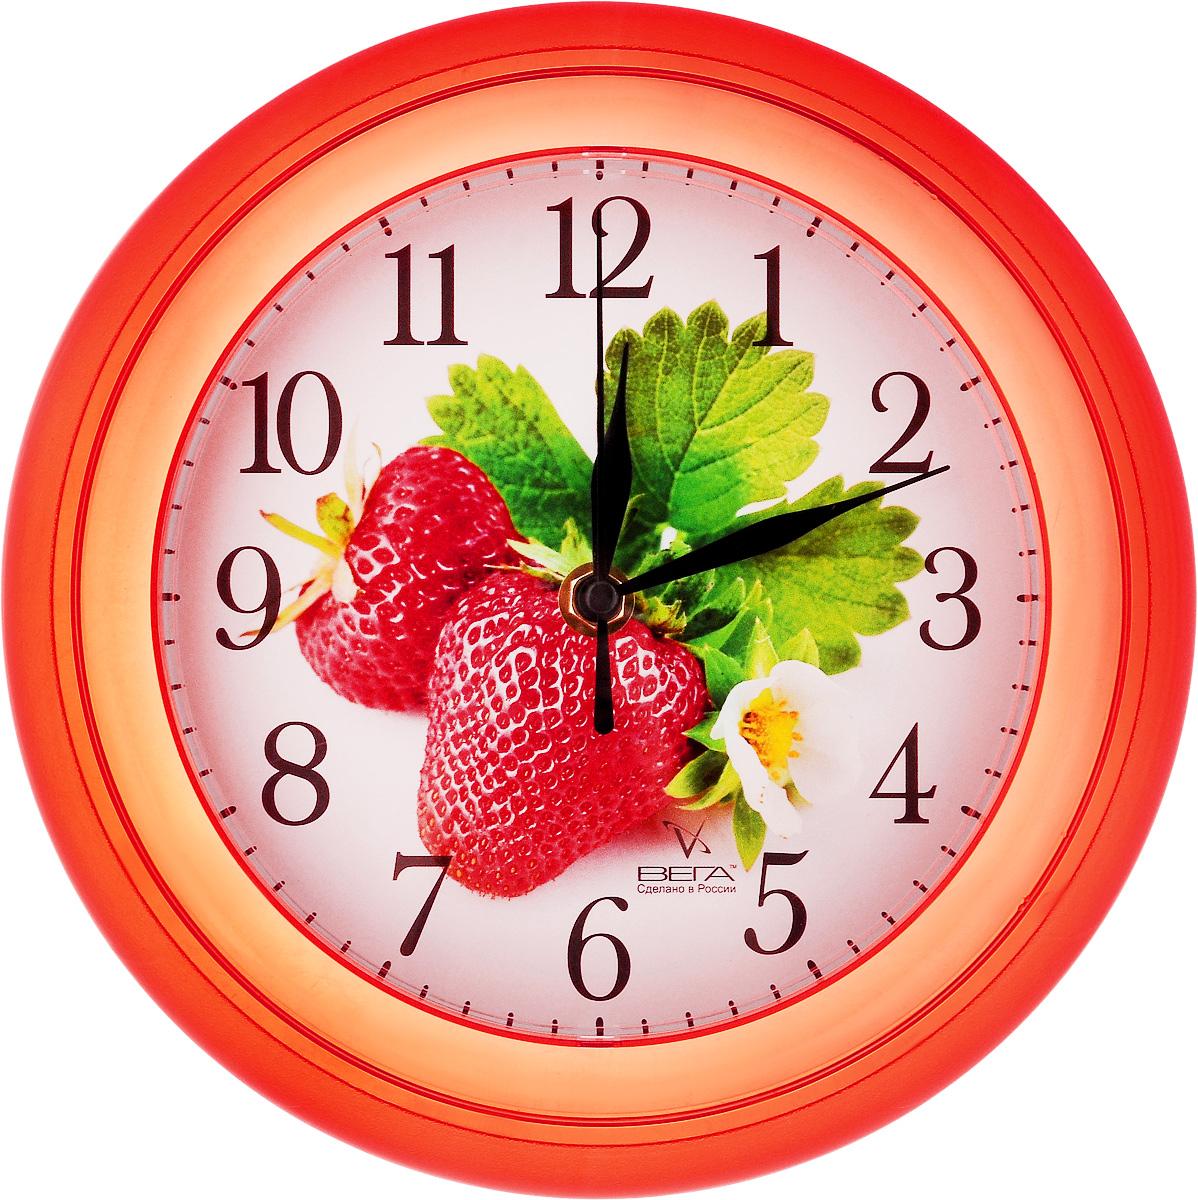 Часы настенные Вега Клубника, диаметр 22,5 смП3-6-48Настенные кварцевые часы Вега Клубника, изготовленные из пластика, прекрасно впишутся в интерьер вашего дома. Круглые часы имеют три стрелки: часовую, минутную и секундную, циферблат защищен прозрачным стеклом. Часы работают от 1 батарейки типа АА напряжением 1,5 В (не входит в комплект). Диаметр часов: 22,5 см.